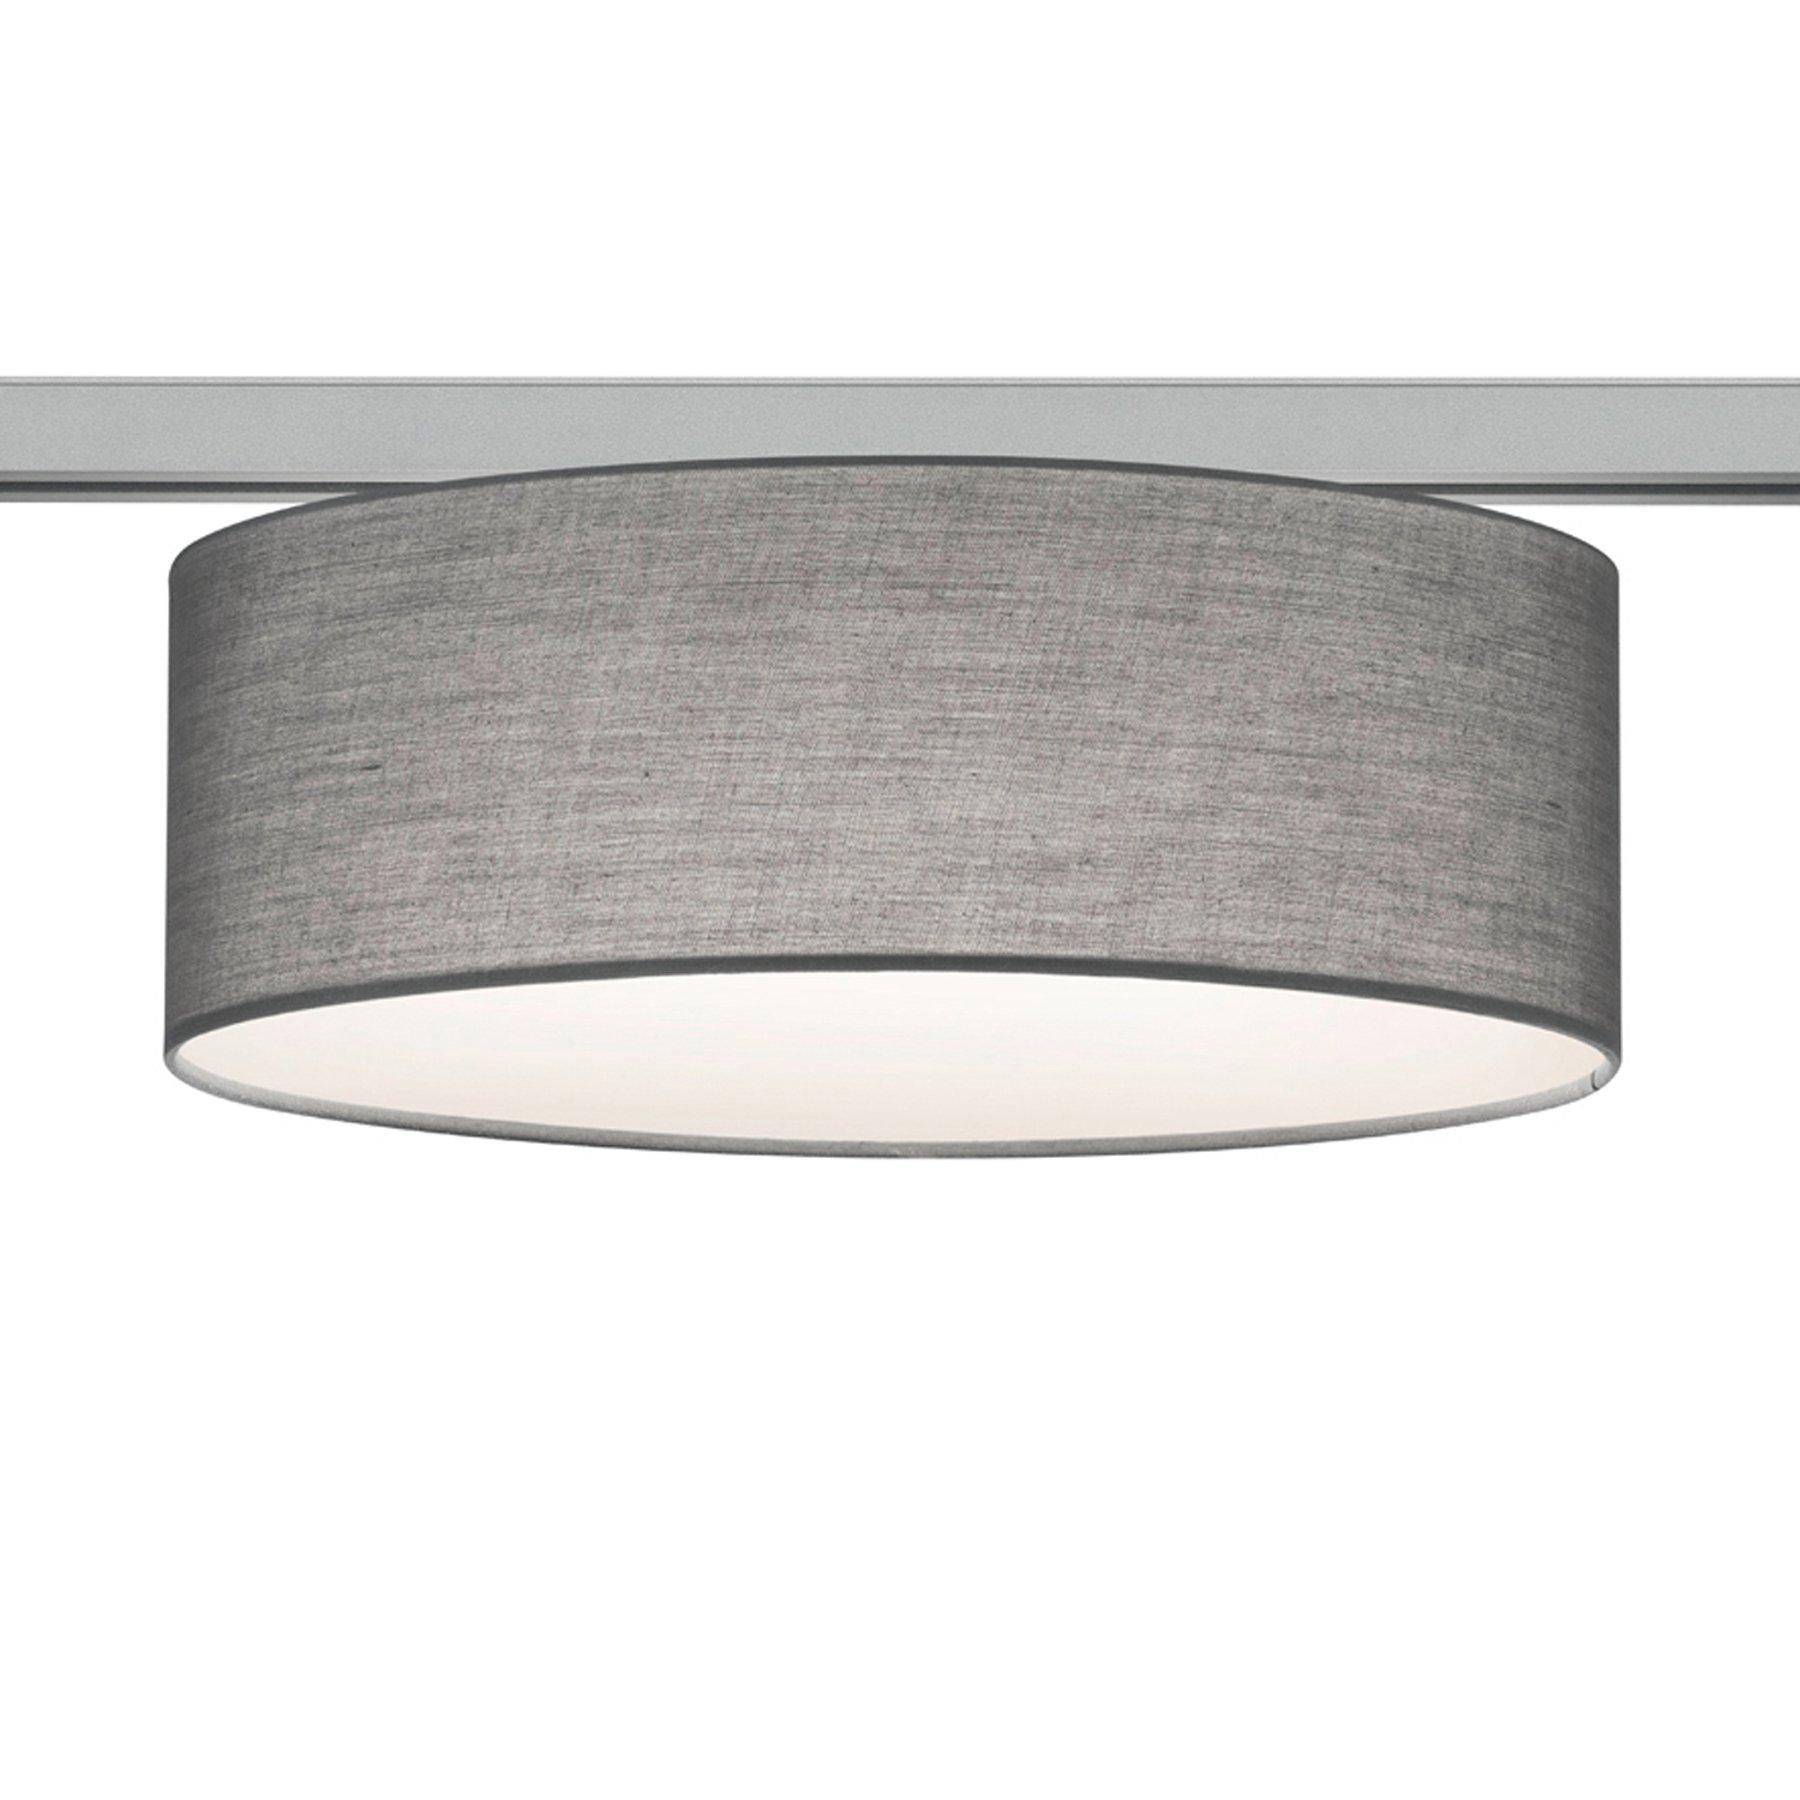 2-faset taklampe DUOline 763902 2xE27, grå